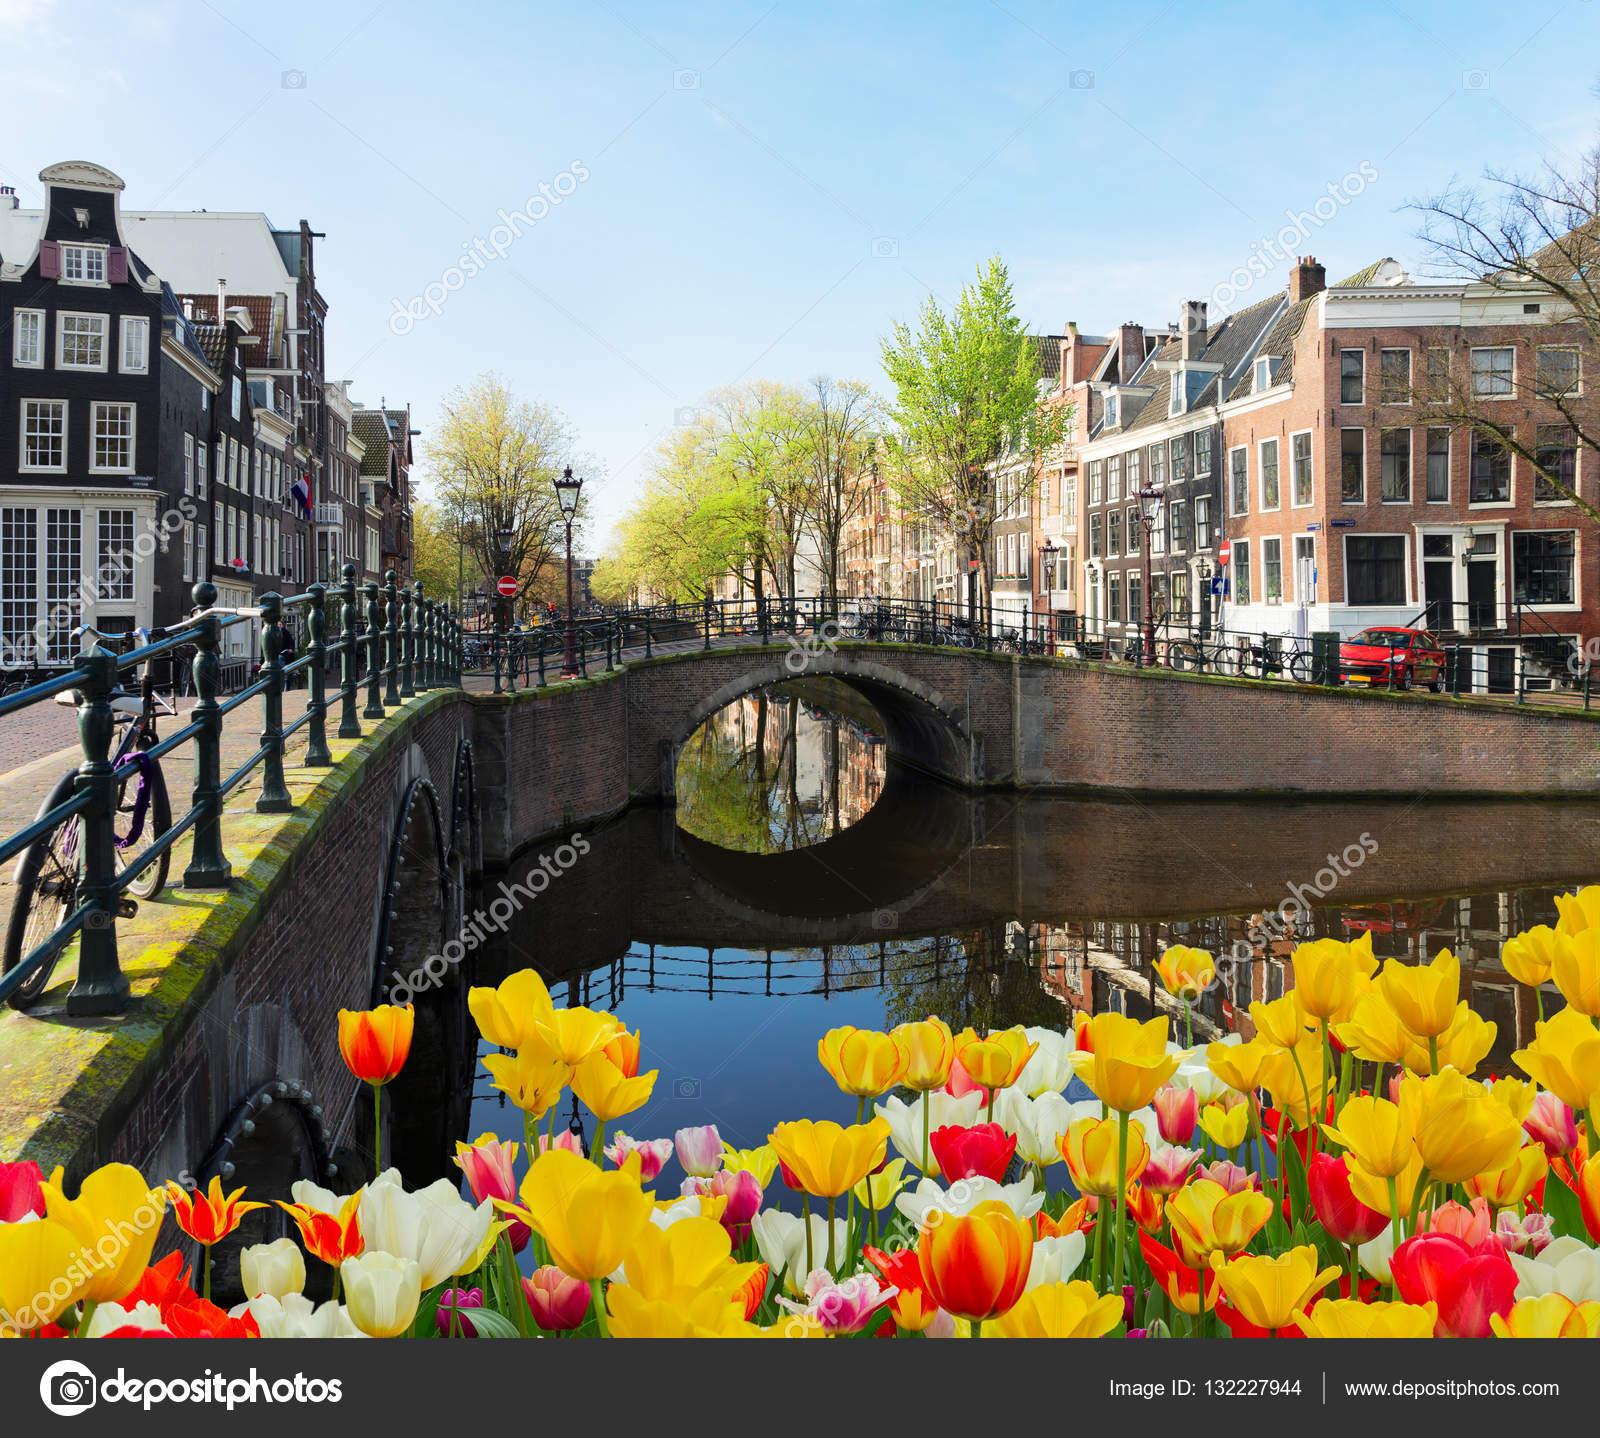 Espace personnel de Mokum. Depositphotos_132227944-stockafbeelding-huizen-van-amsterdam-nederland